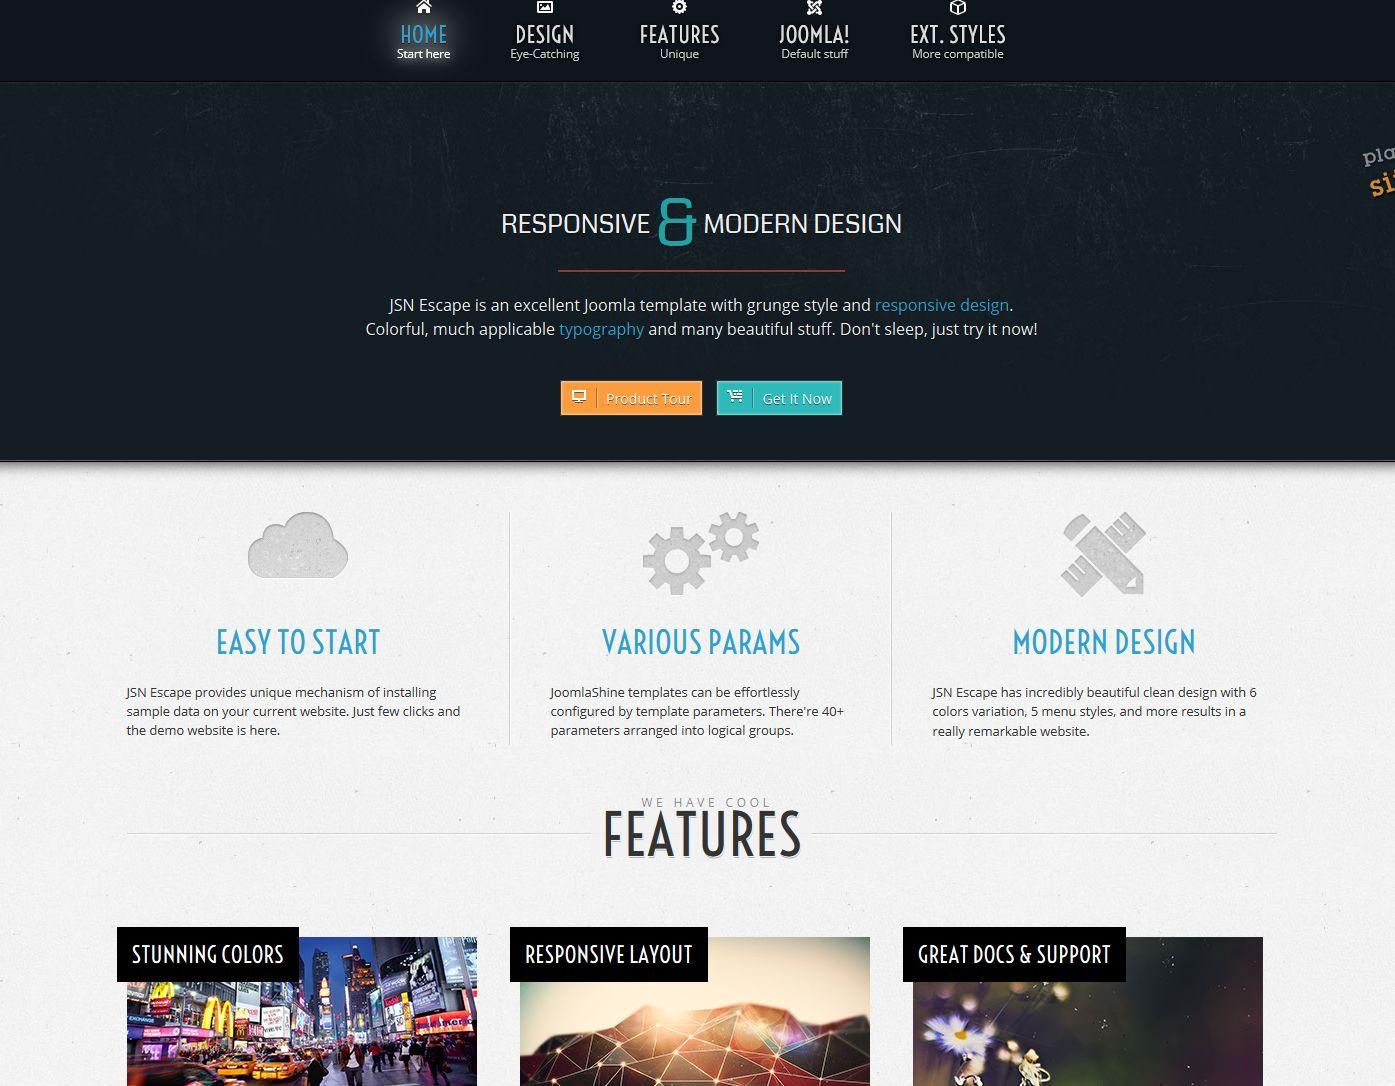 медиасфера создание и продвижение сайтов в петербурге и рунете